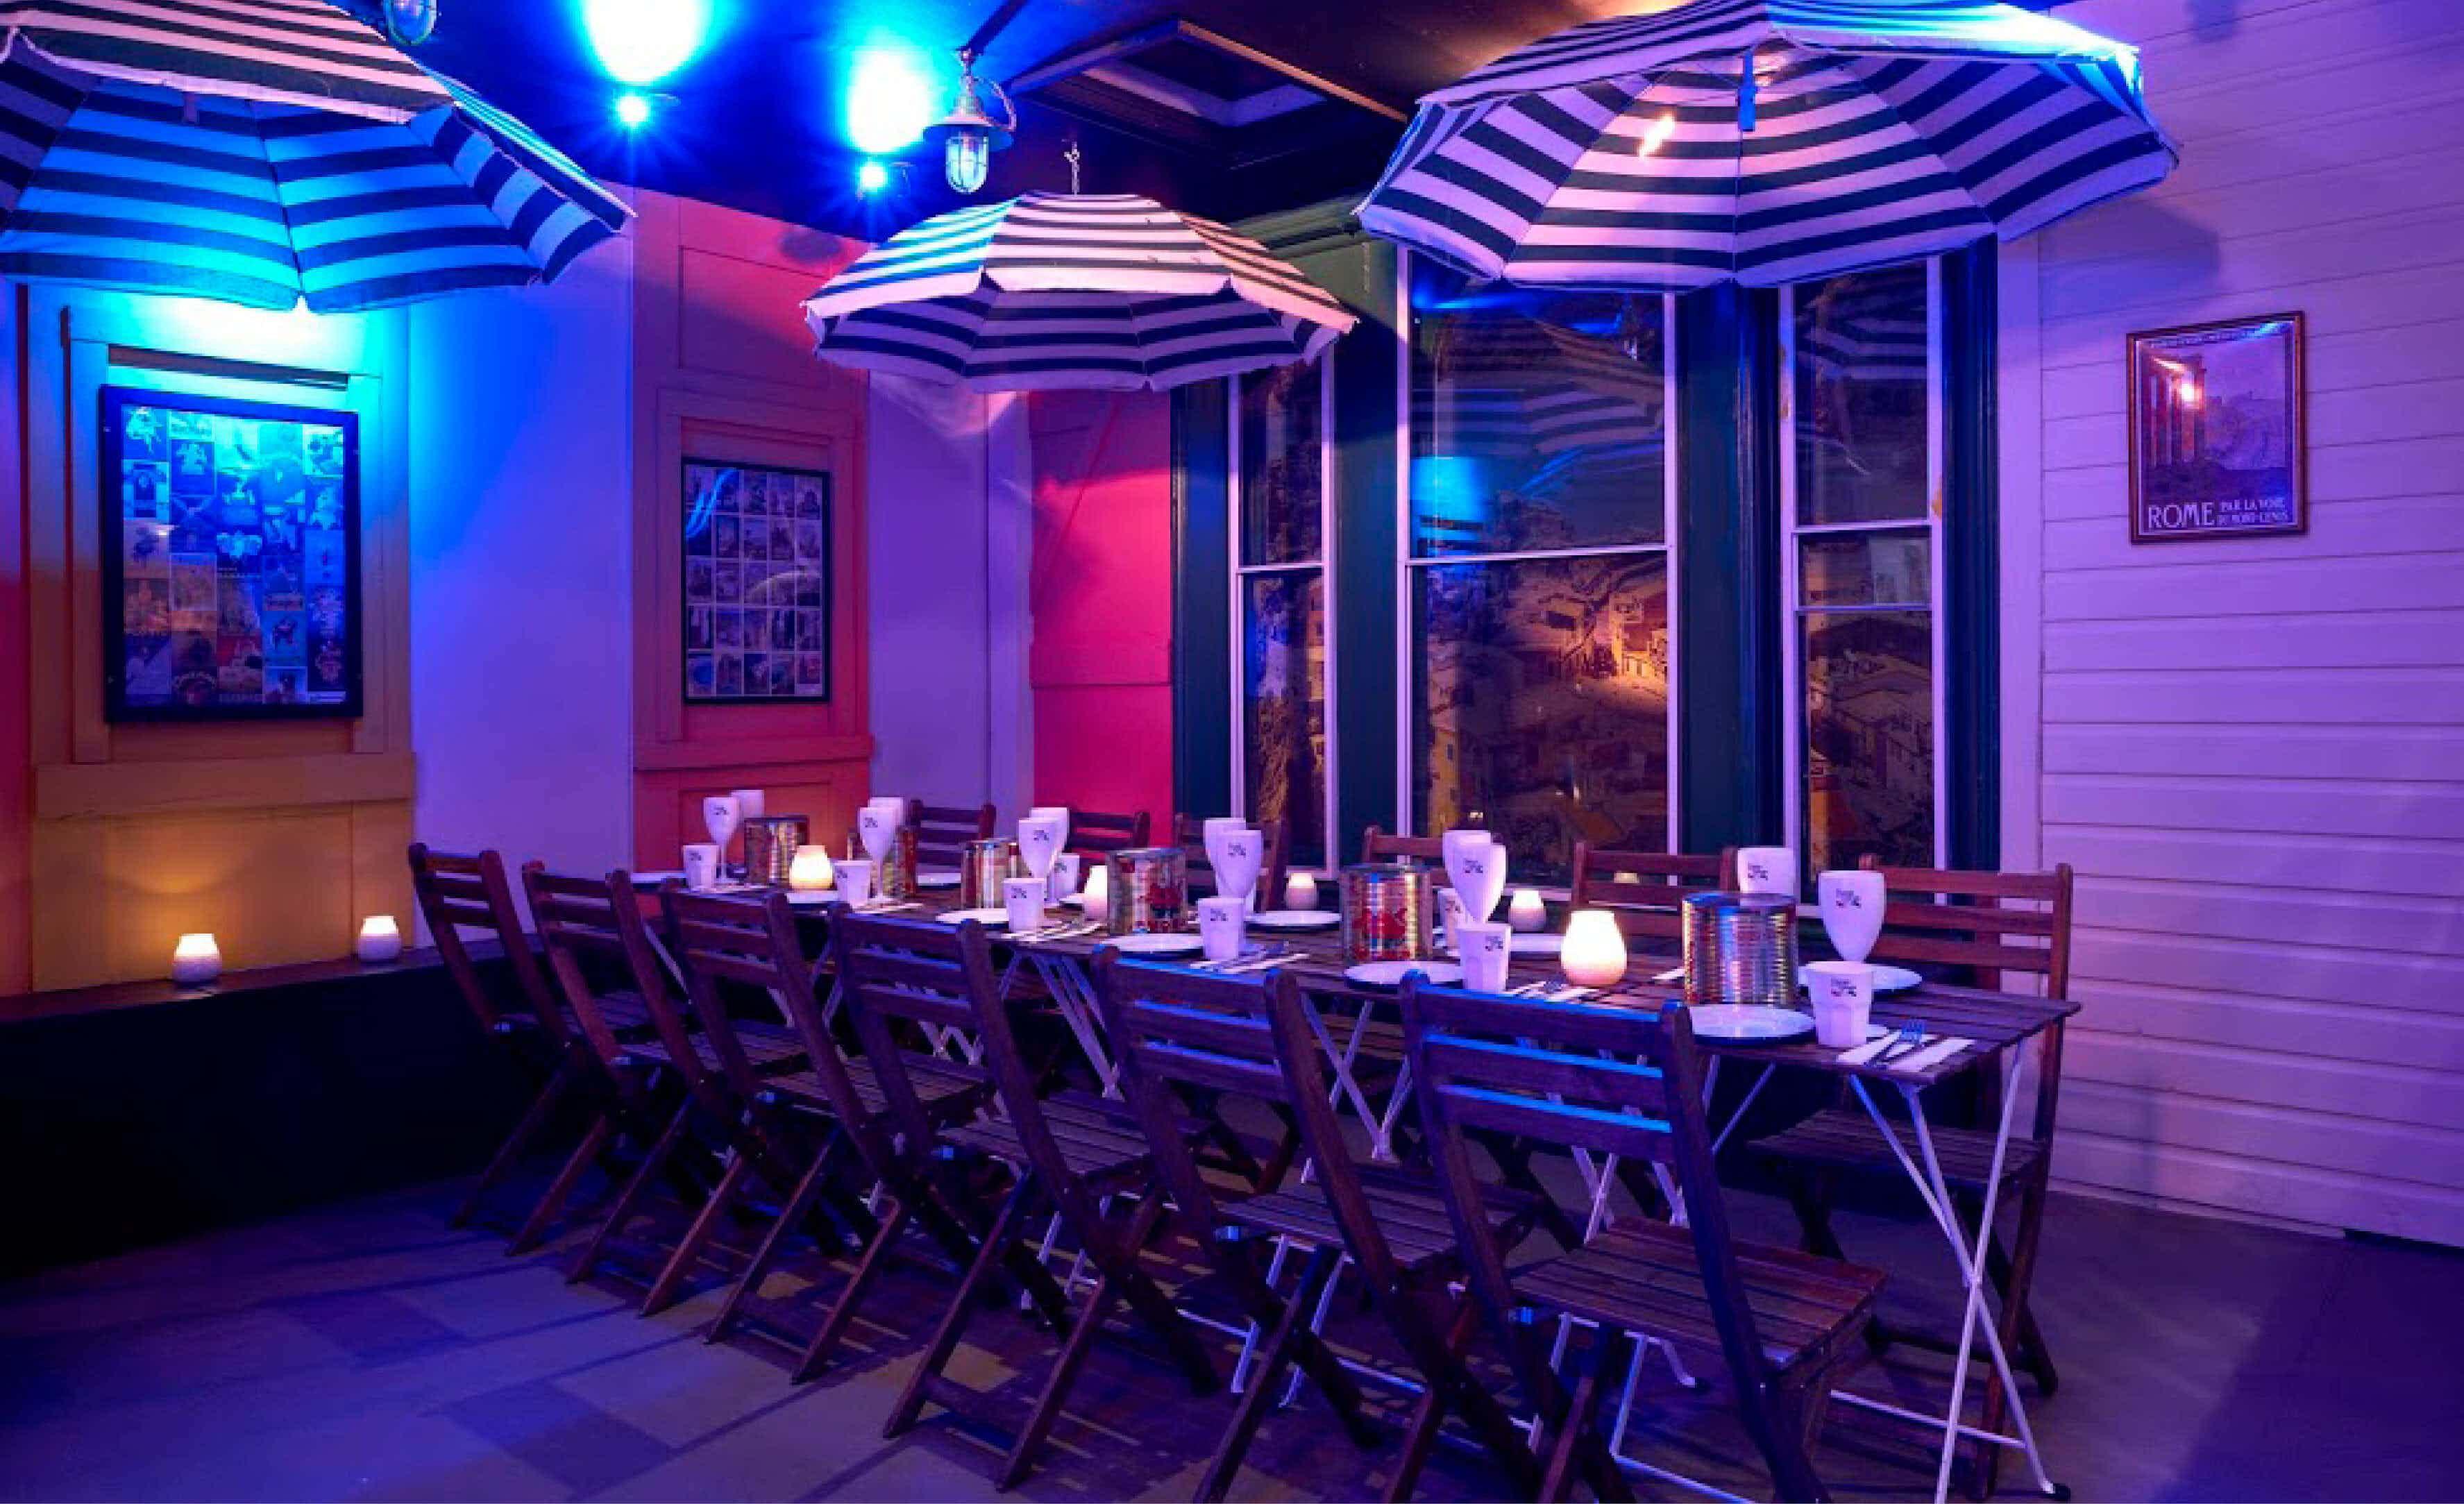 2nd Floor, Martini Prosecco Bar